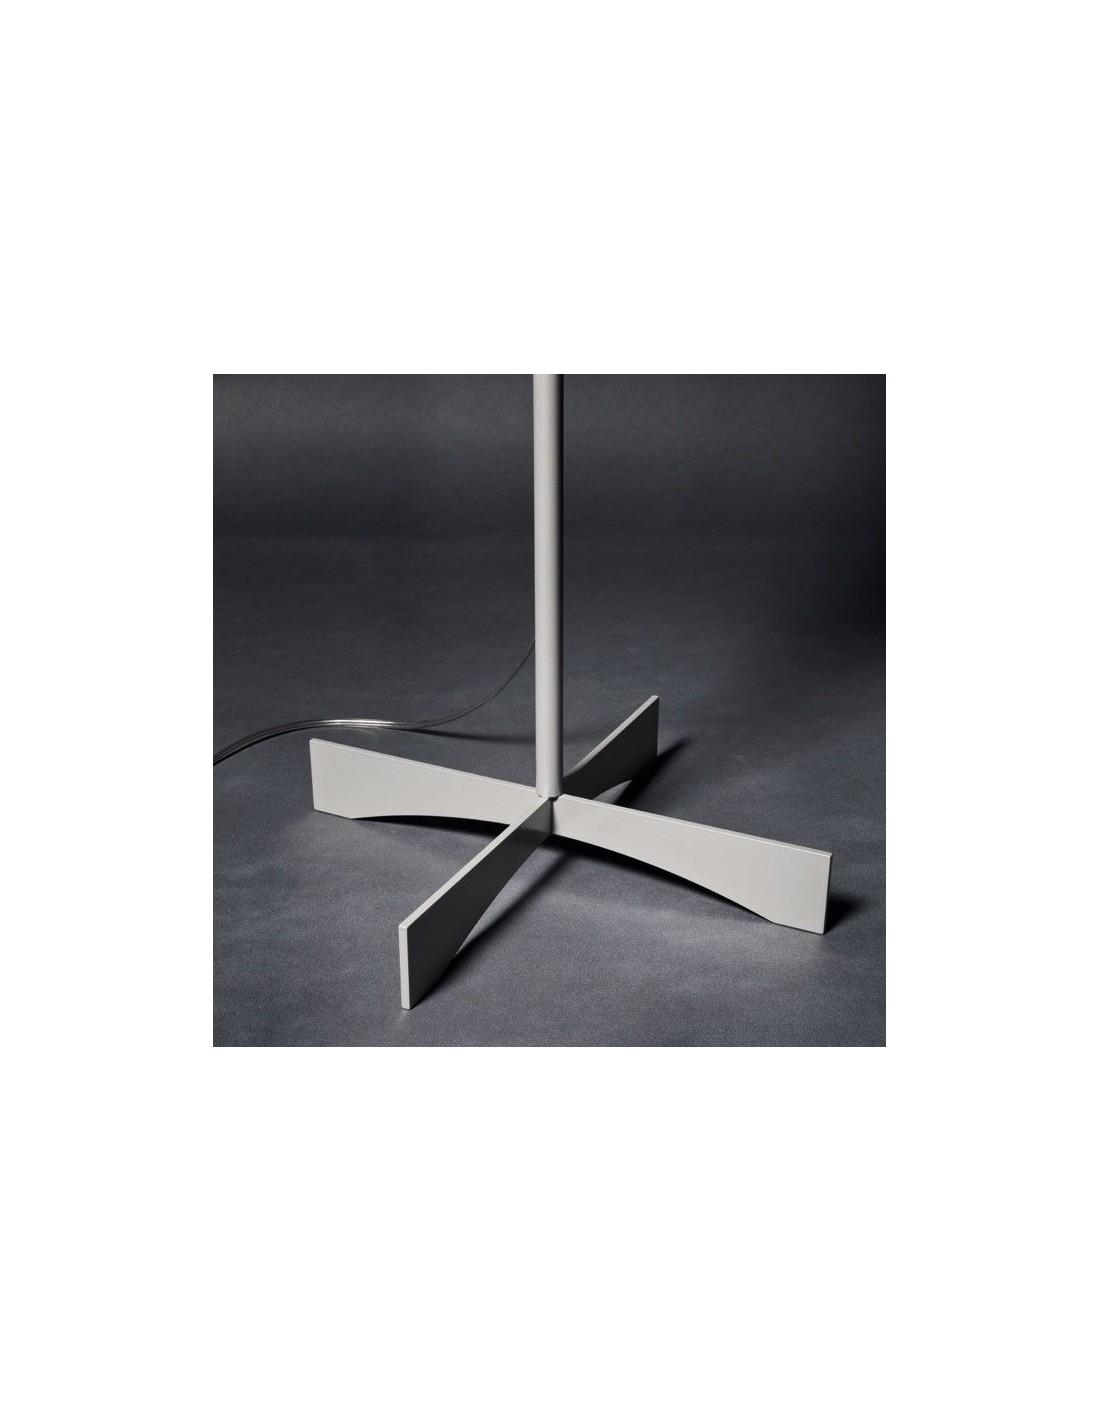 lampadaire havana alu variateur foscarini d tails pied. Black Bedroom Furniture Sets. Home Design Ideas